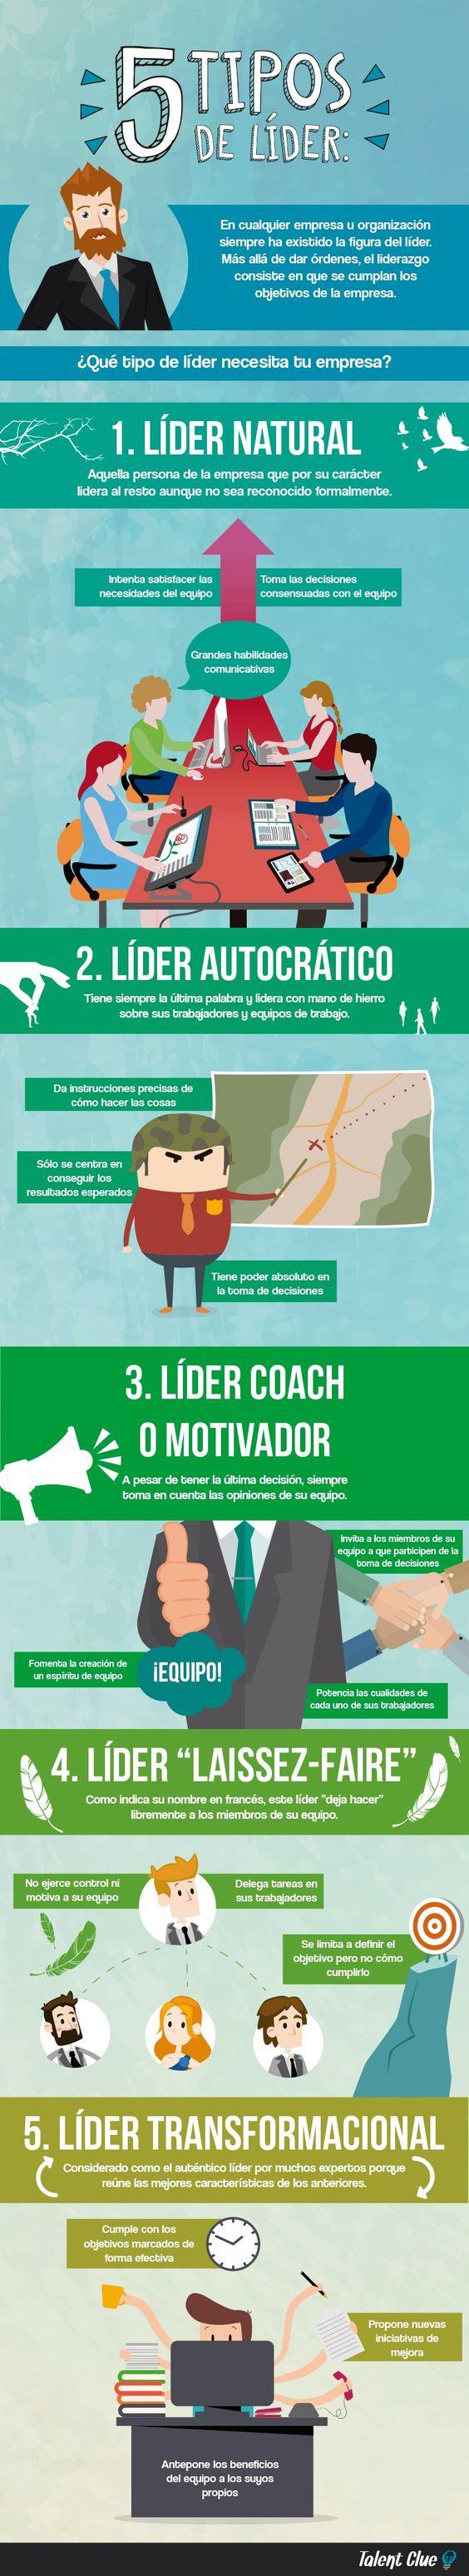 5 Tipos de lideres